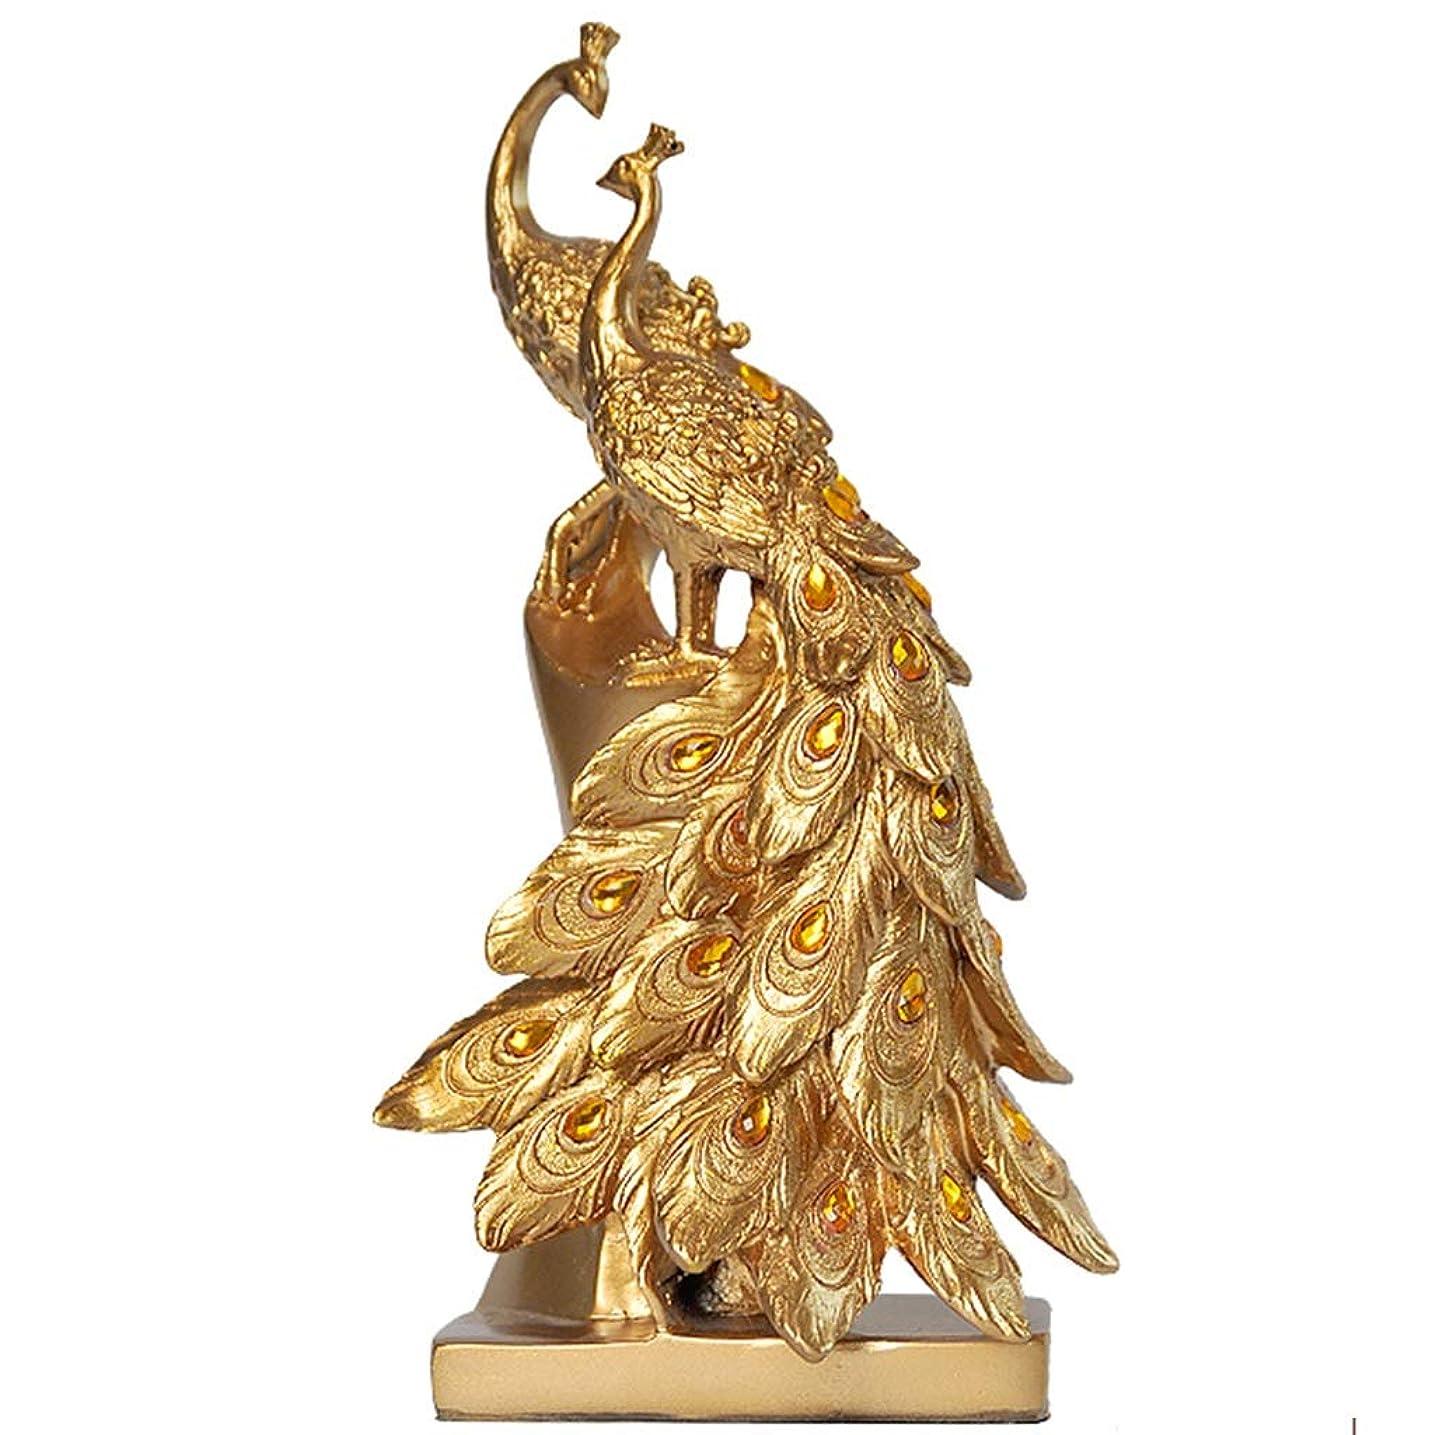 少しレビュー墓置物?オブジェ 孔雀のペア、かわいいヴィンテージの装飾品、オフィスホームギフト (Color : Gold, Size : 15*10*28cm)